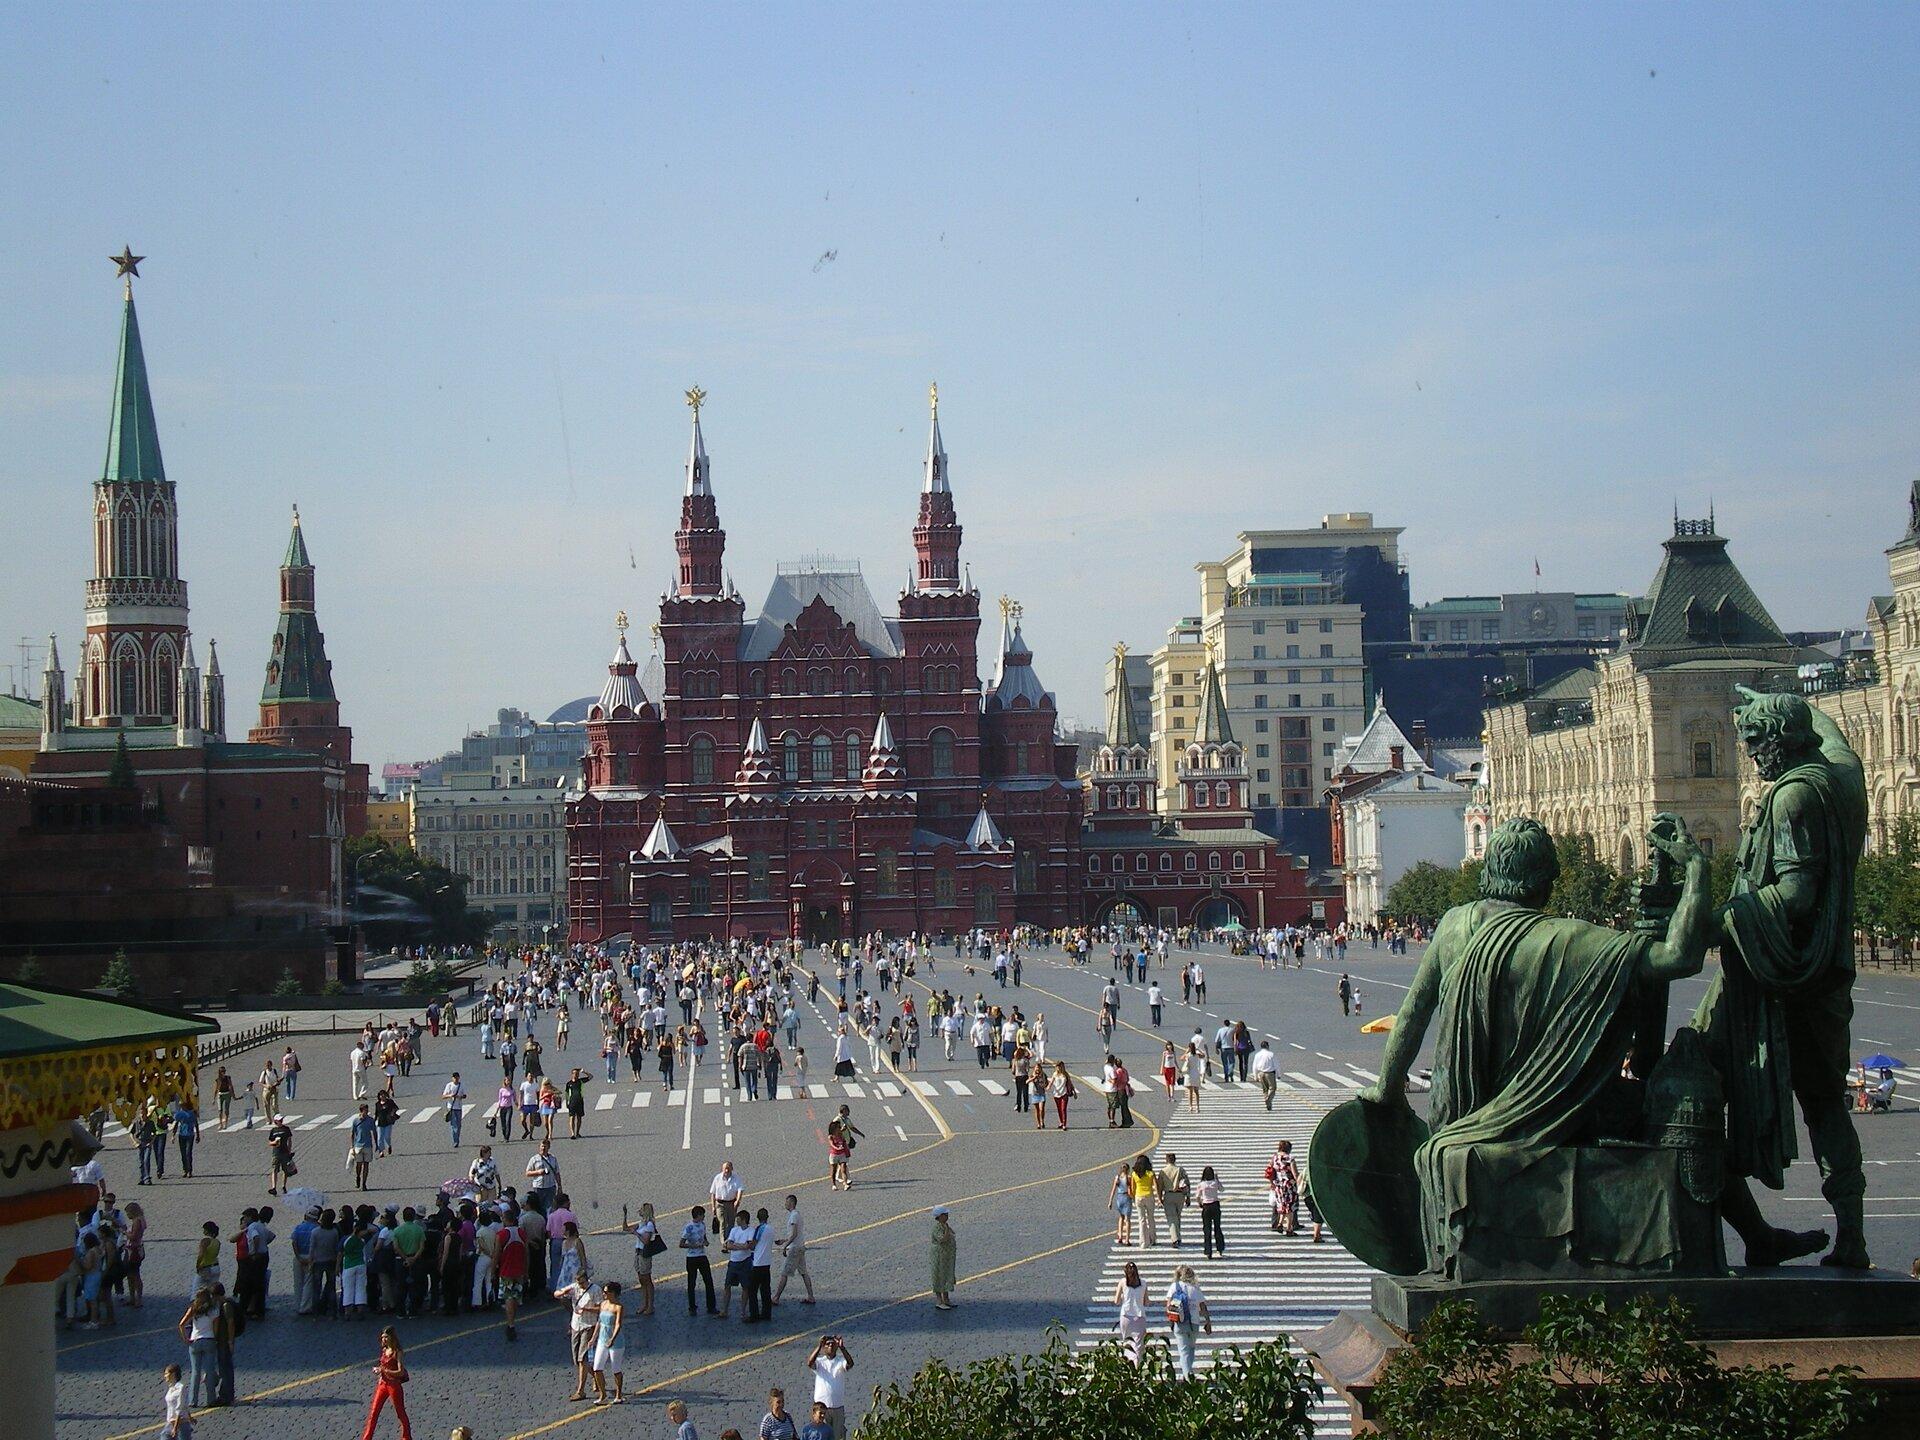 Na zdjęciu kwadratowy asfaltowy plac. Wtle duży czerwony budynek zwieloma wieżami ozdobionymi złotymi gwiazdami. Po lewej iprawej stronie okazałe budynki. Na pierwszym planie po prawej stronie rzeźba wkolorze zielonym, dwóch mężczyzn, jeden siedzi, drugi stoi. Na całym placu jest wielu ludzi, stoją wgrupach, idą, na ulicy namalowane żółte linie, przejścia dla pieszych.